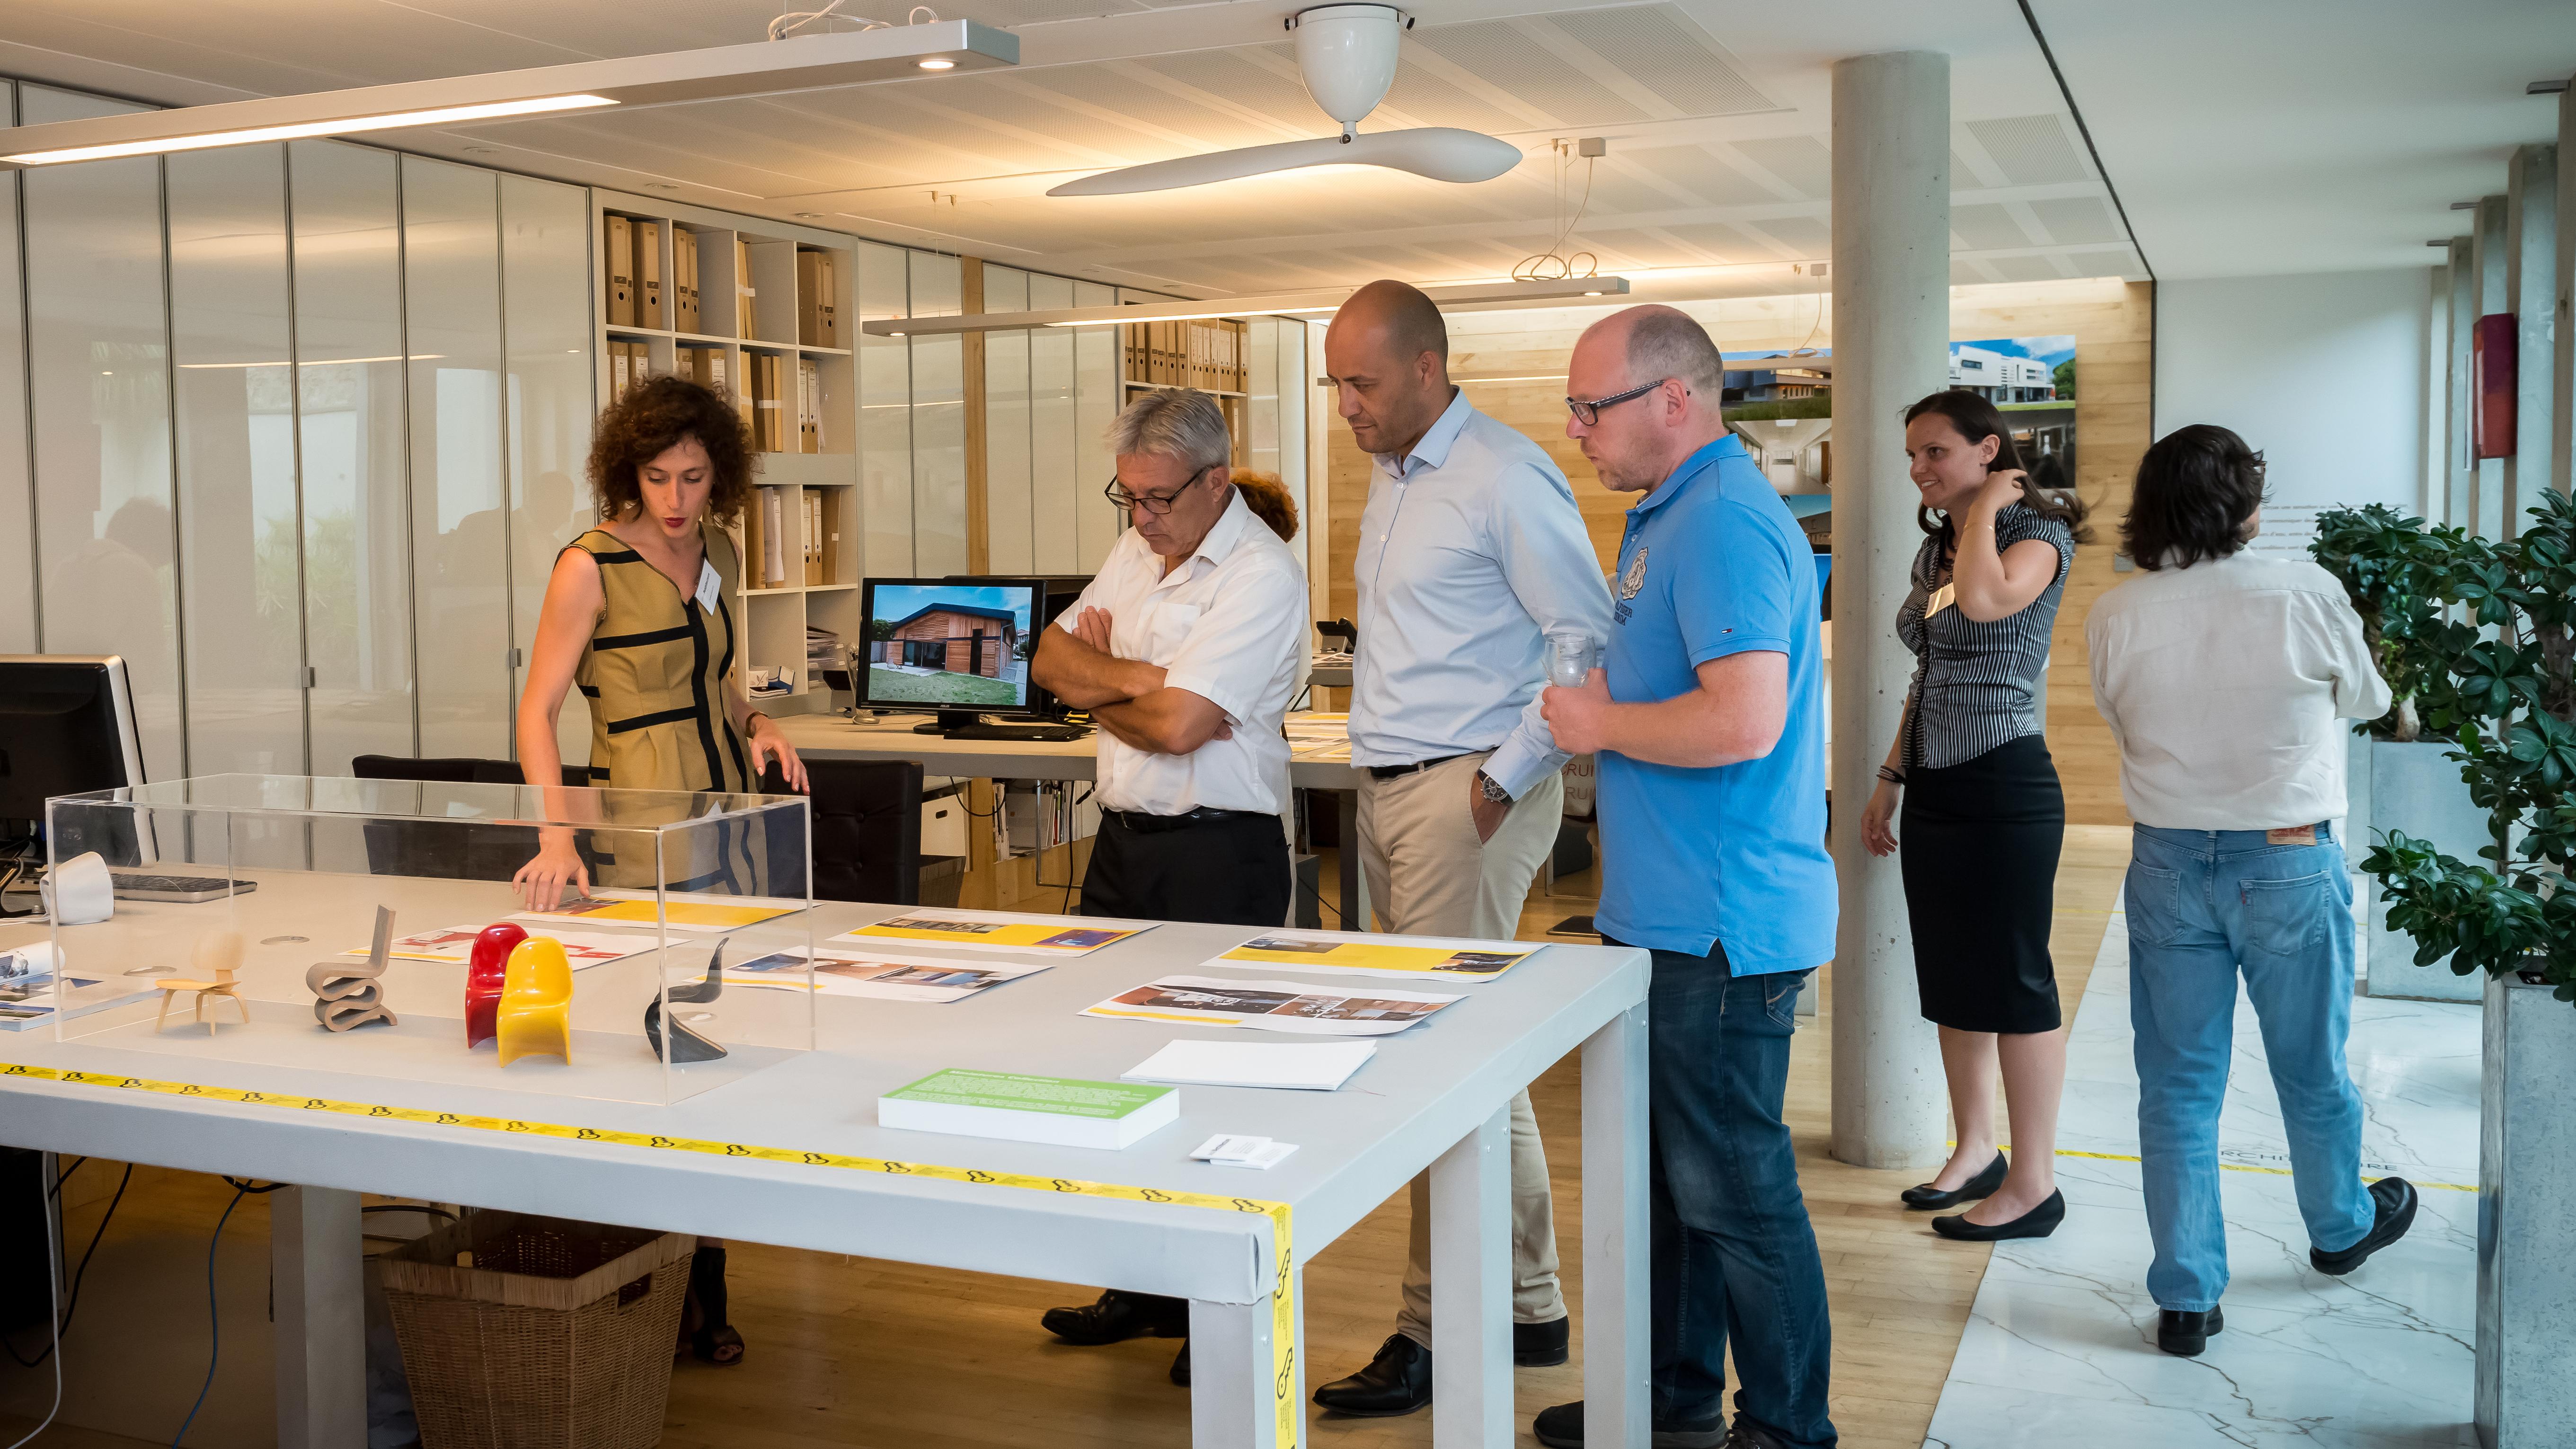 11-seuil-architecture-design-et-mobilité-stéphane-brugidou